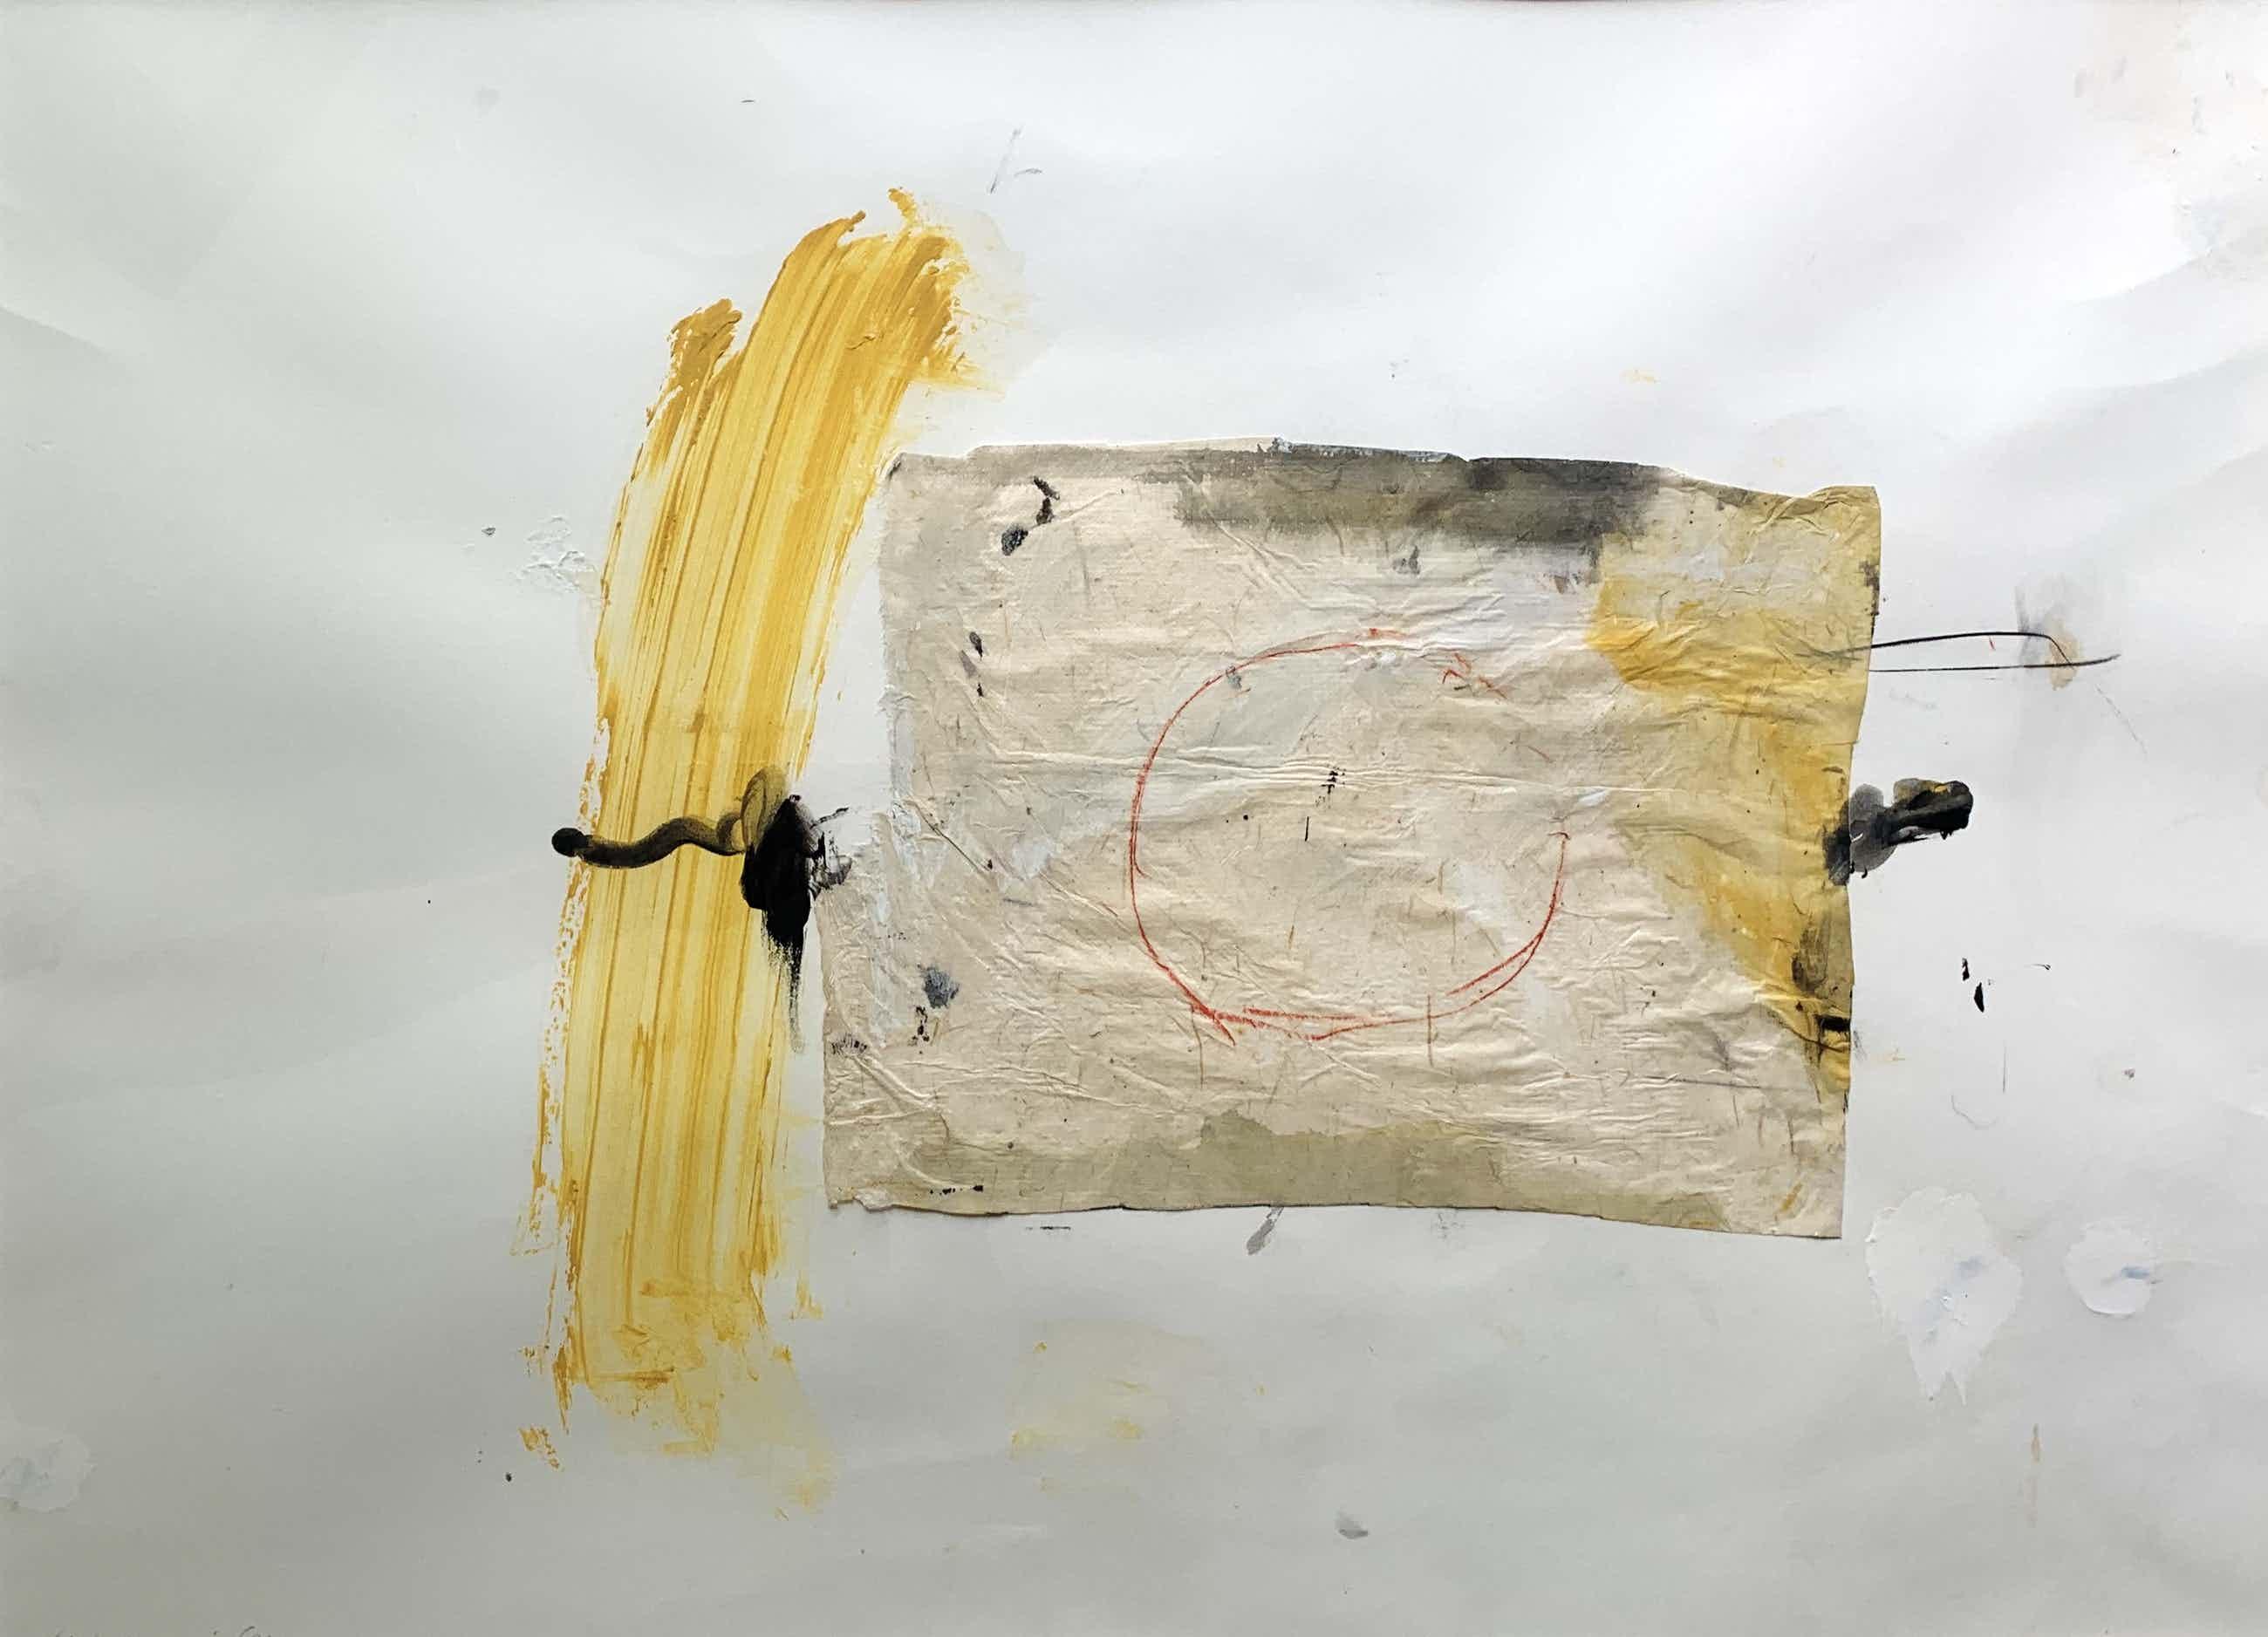 Otto Hetterscheid - gemengde techniek op papier | 'Zonder titel' | 1986 kopen? Bied vanaf 175!